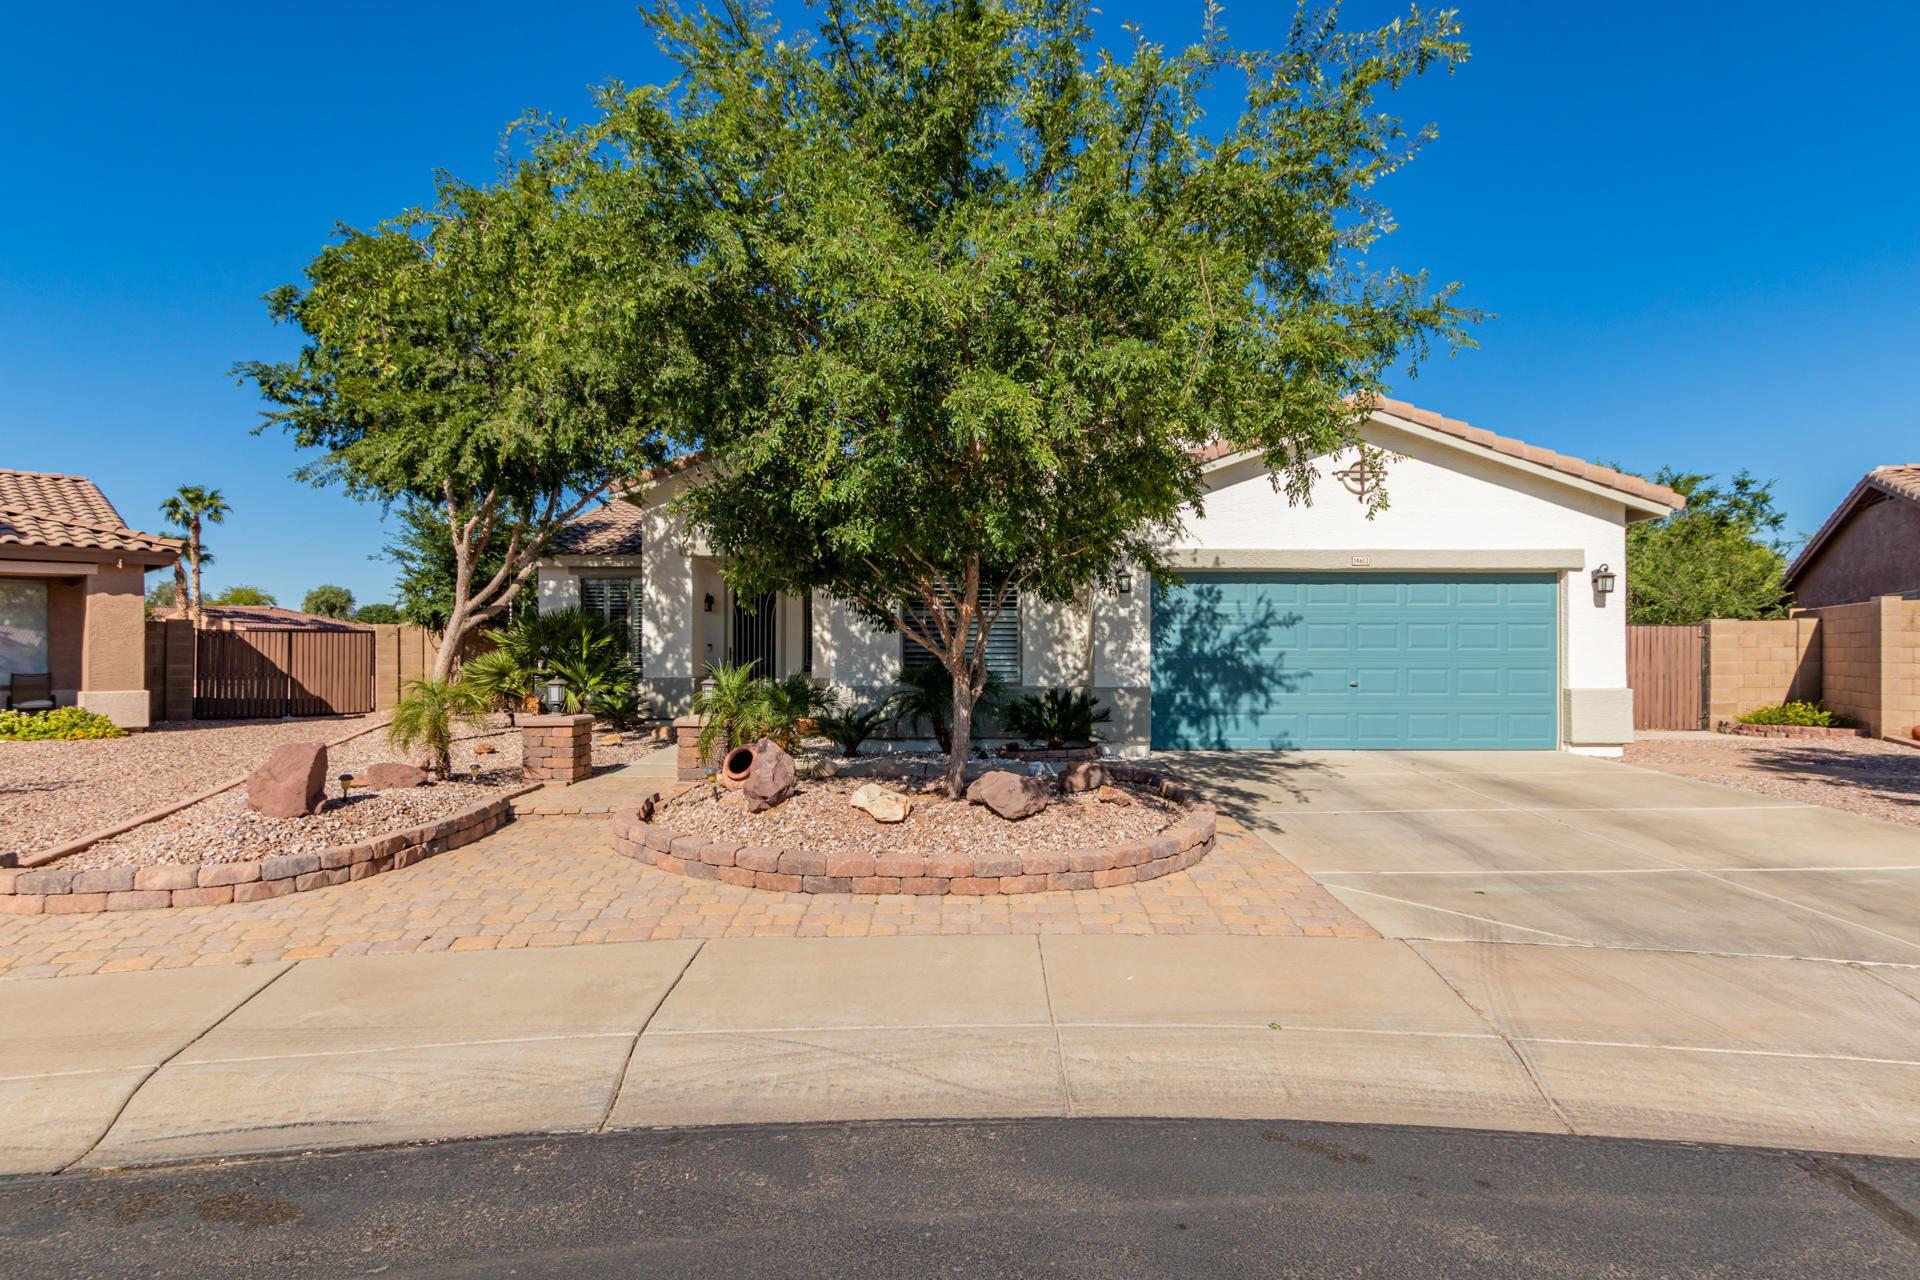 14612 N 150TH Avenue, Surprise, AZ 85379 - MLS#: 6229377